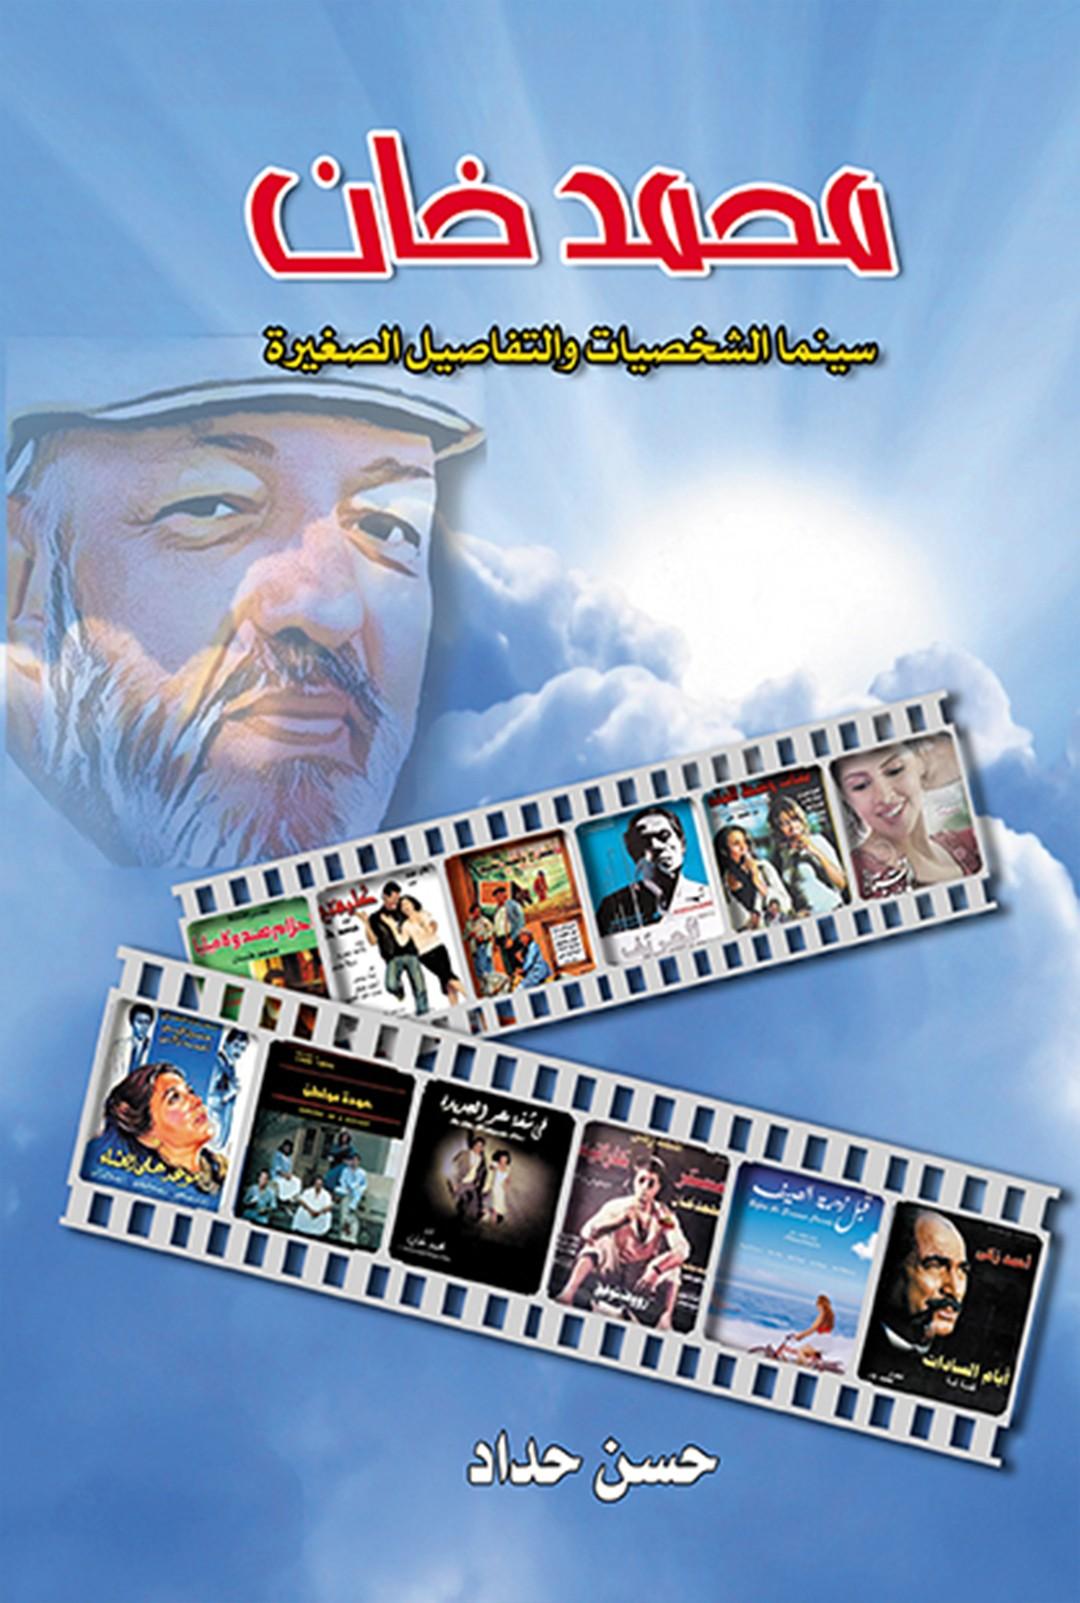 محمد خان – سينما الشخصيات والتفاصيل الصغيرة